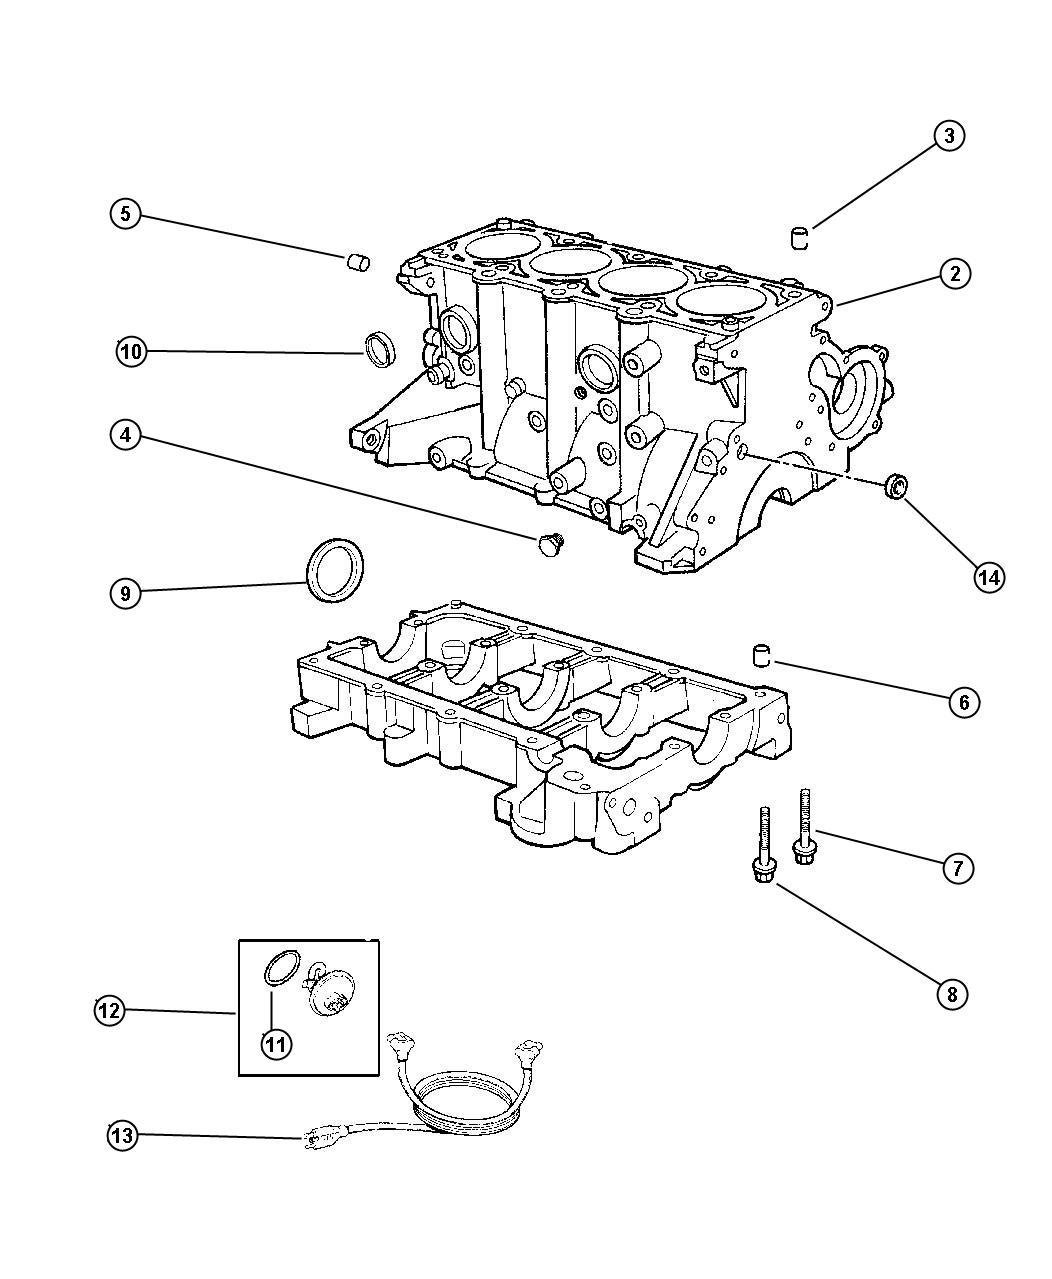 1999 Chrysler Sebring Block. Short. Mpi, dohc, cylinder